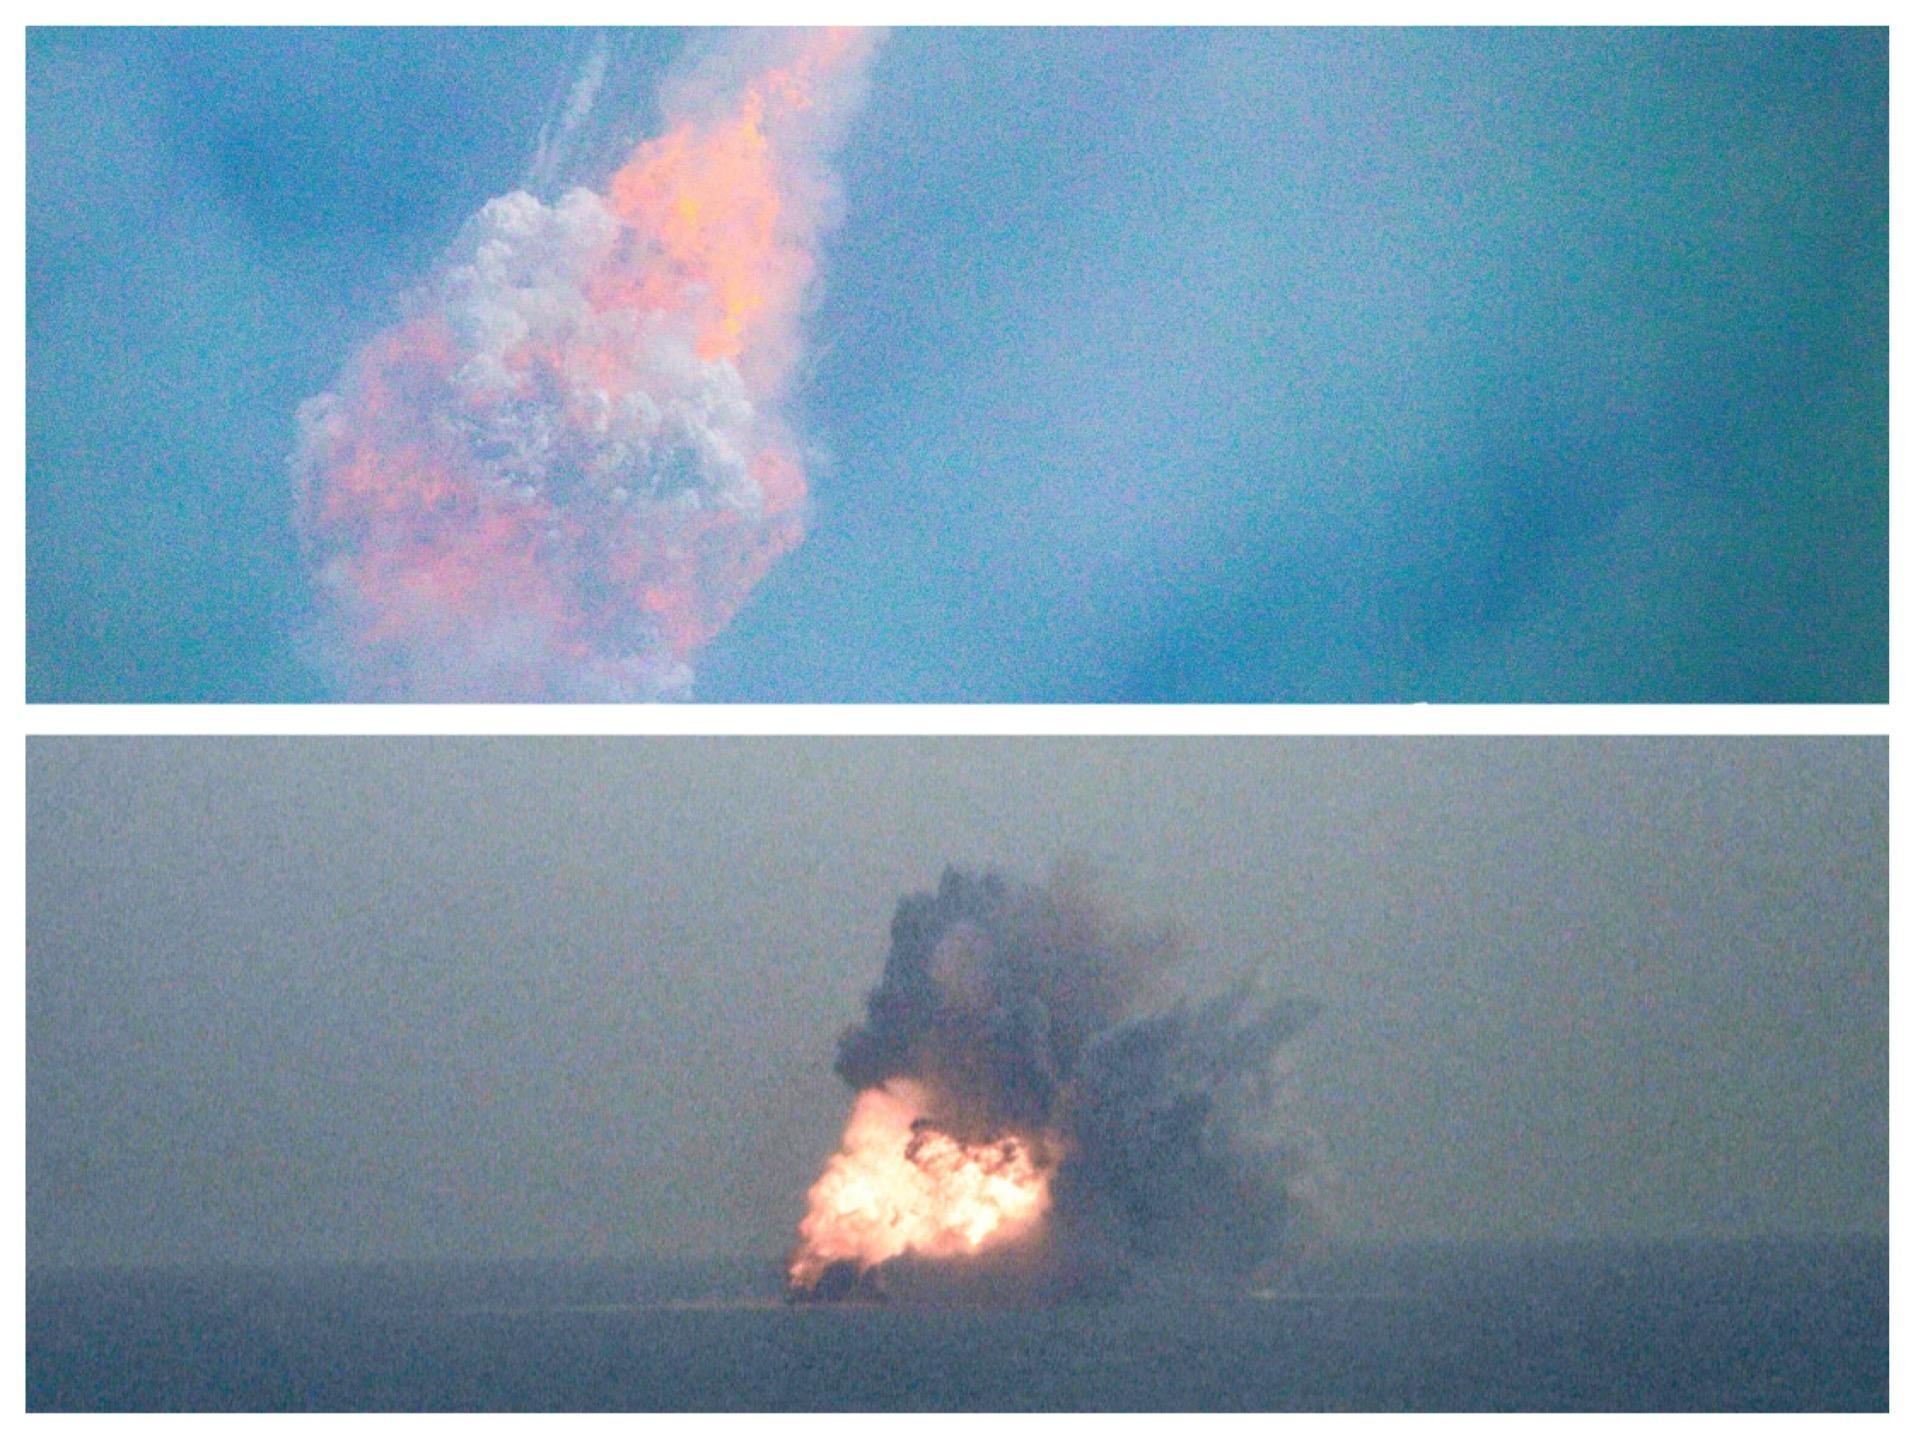 esplosioni ifa